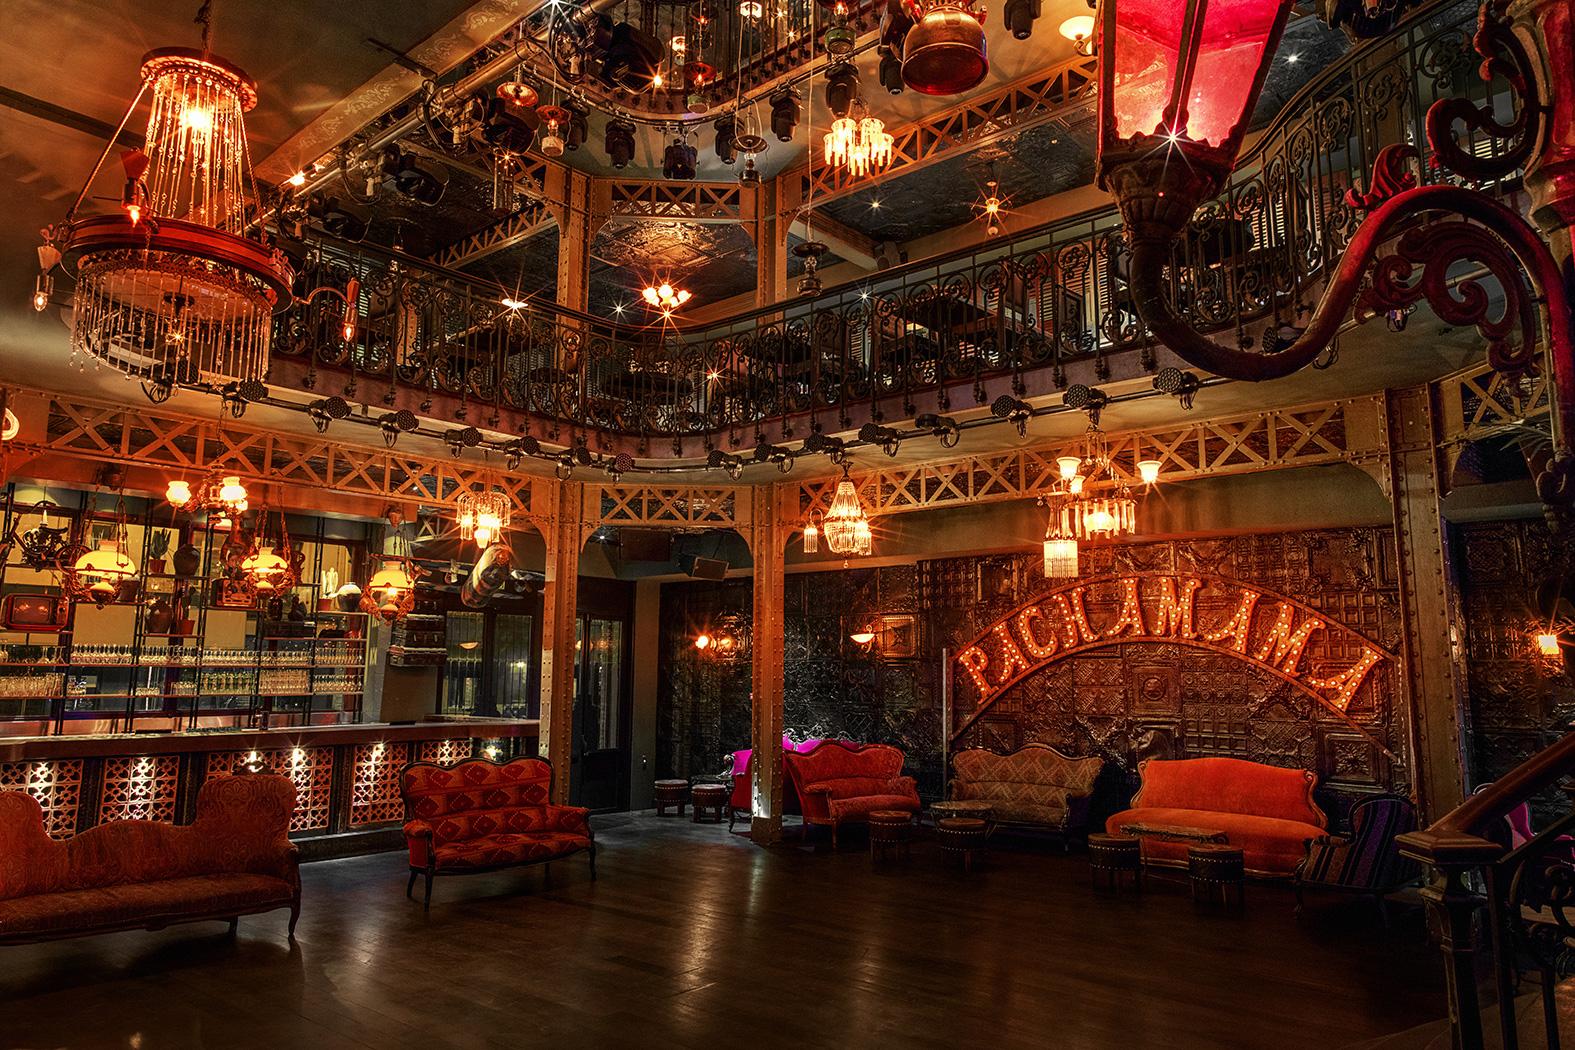 Pachamama Paris Night Club